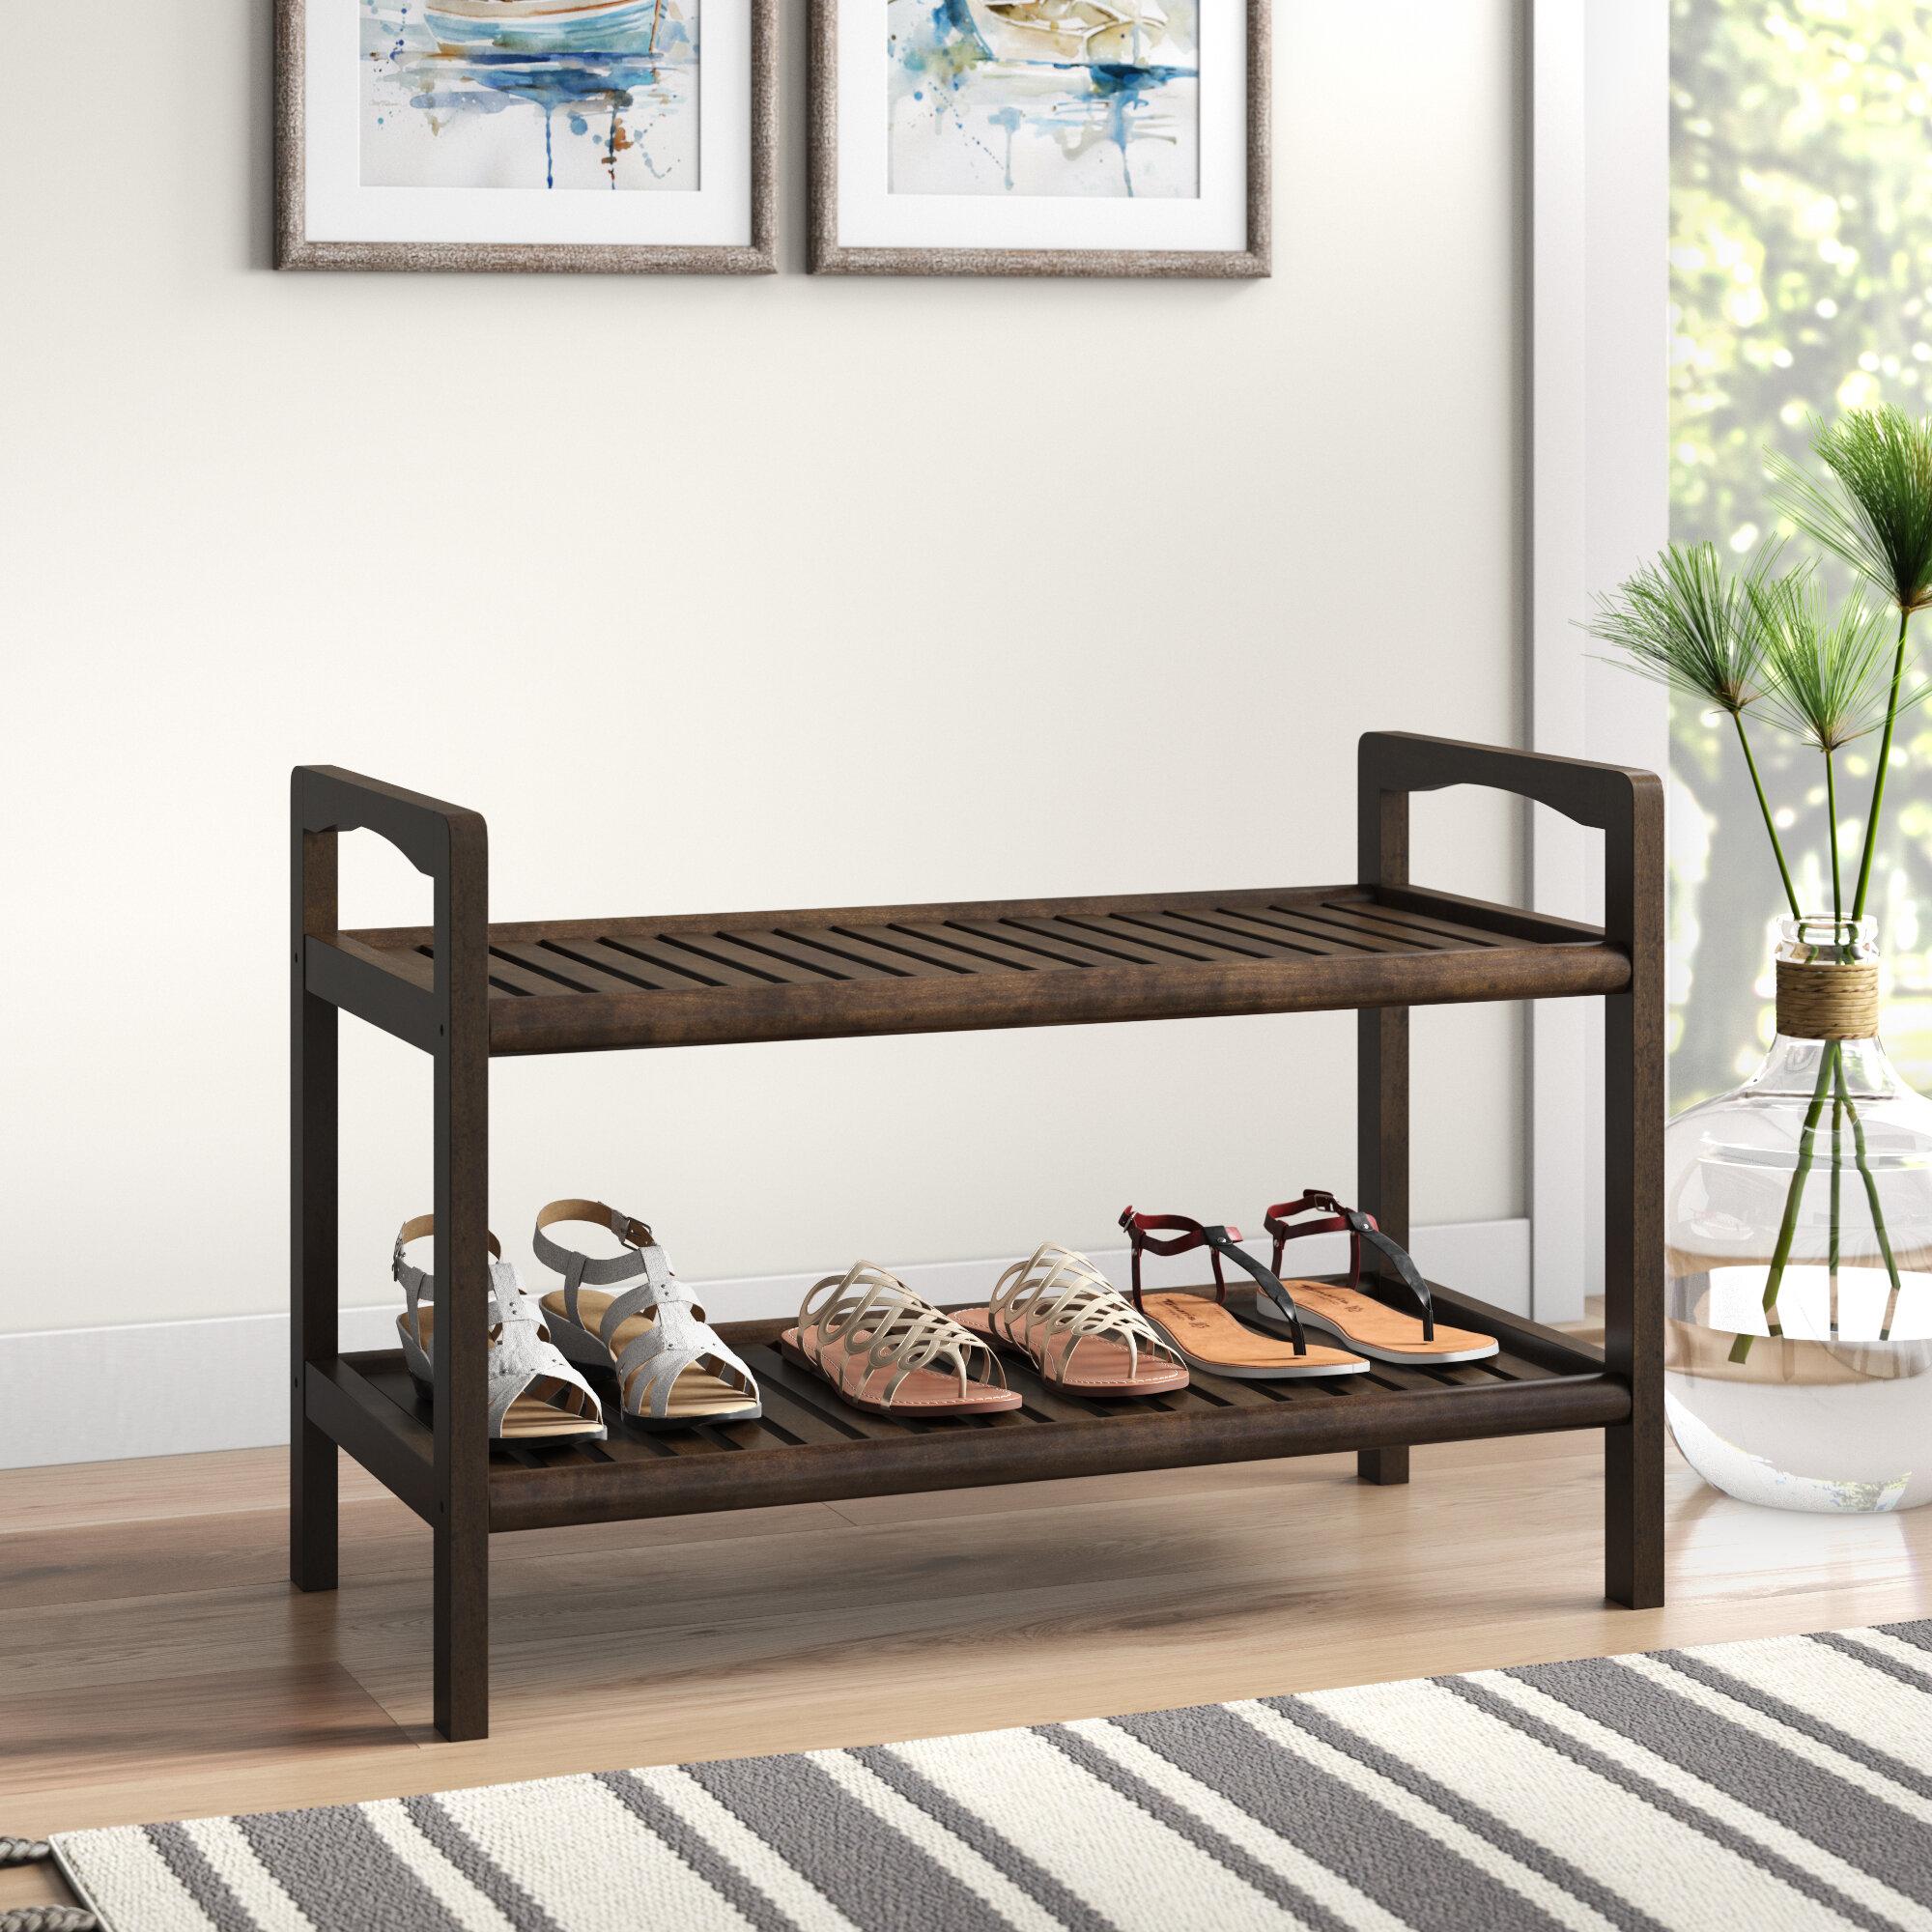 Breakwater Bay Hales Solid Wood Storage Bench Reviews Wayfair